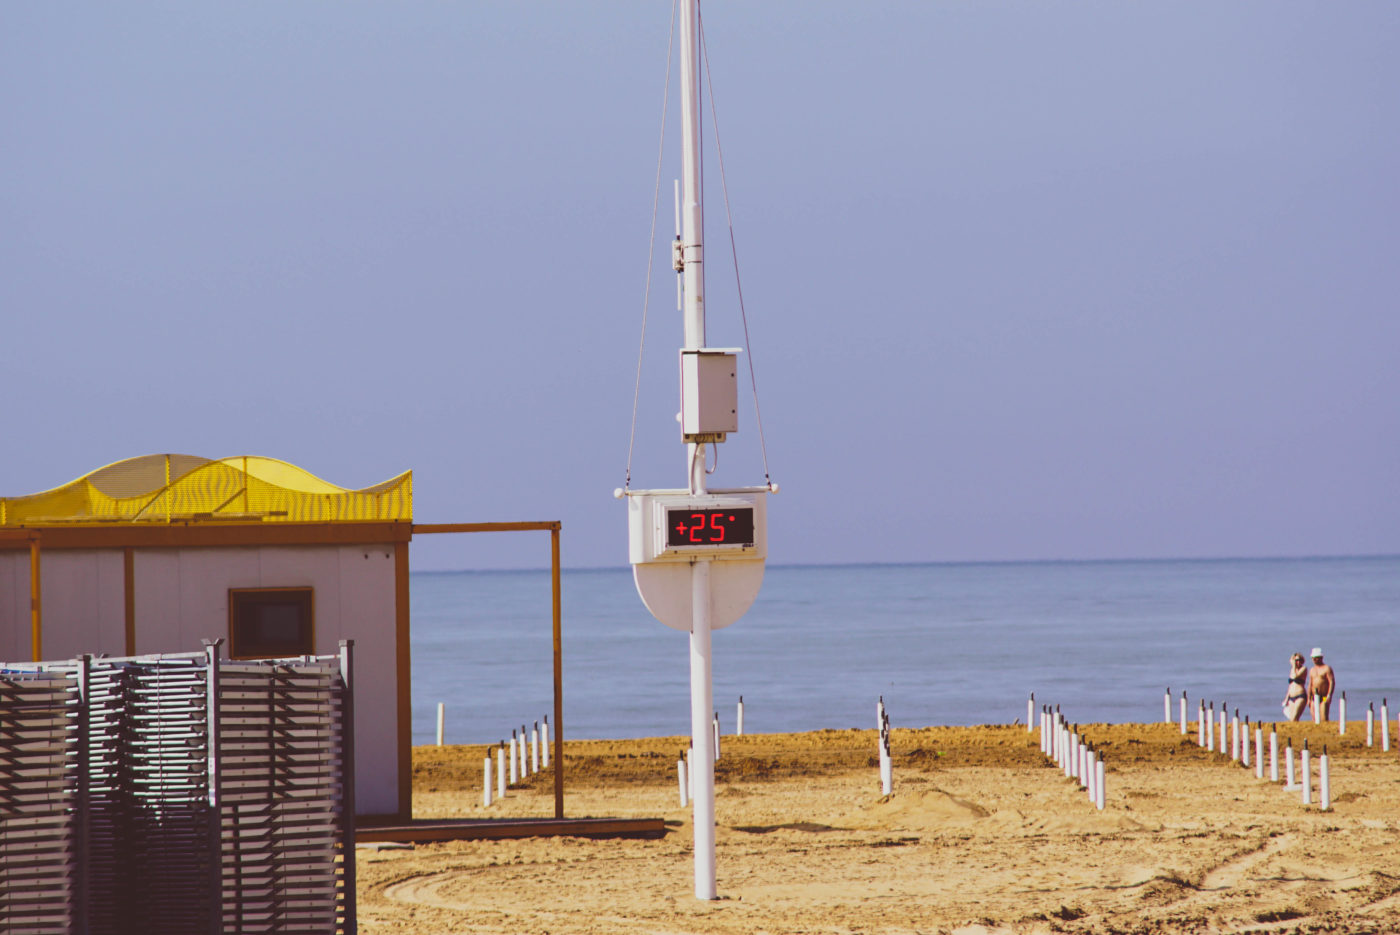 Ein Strand in Norditalien. im Vordergrund sind Stapel von Sonnenliegen zu sehen. In der Mitte ist ein Mast mitr einem Termometer zu sehen welches 25 Grad anzeigt. Dahinter sind unzählige Sonnenschirmständer zu sehen. Ein Paar läuft in Badesaachen von links nach rechts an der Waassergrenze entlang.